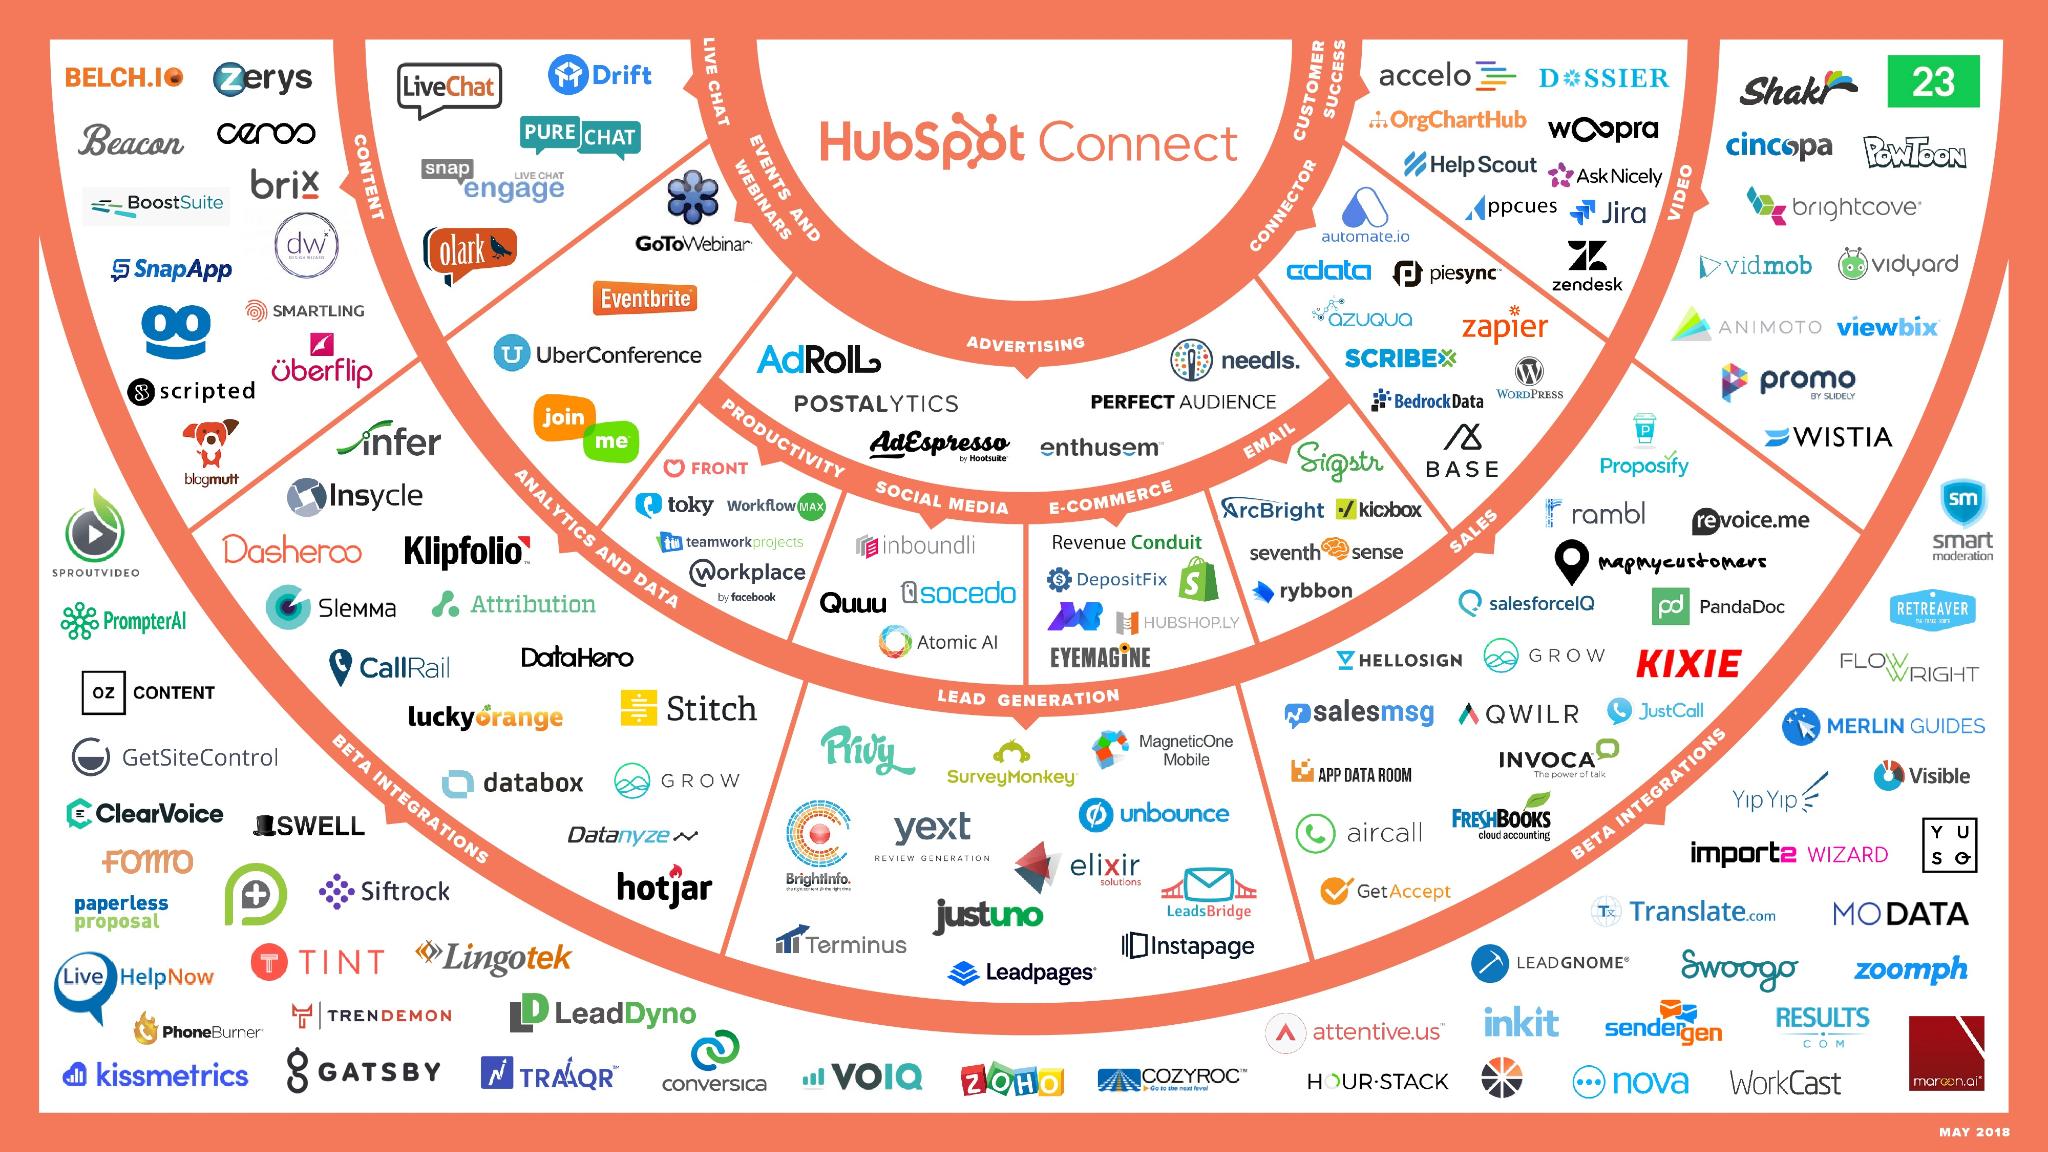 HubSpot Ecosystem